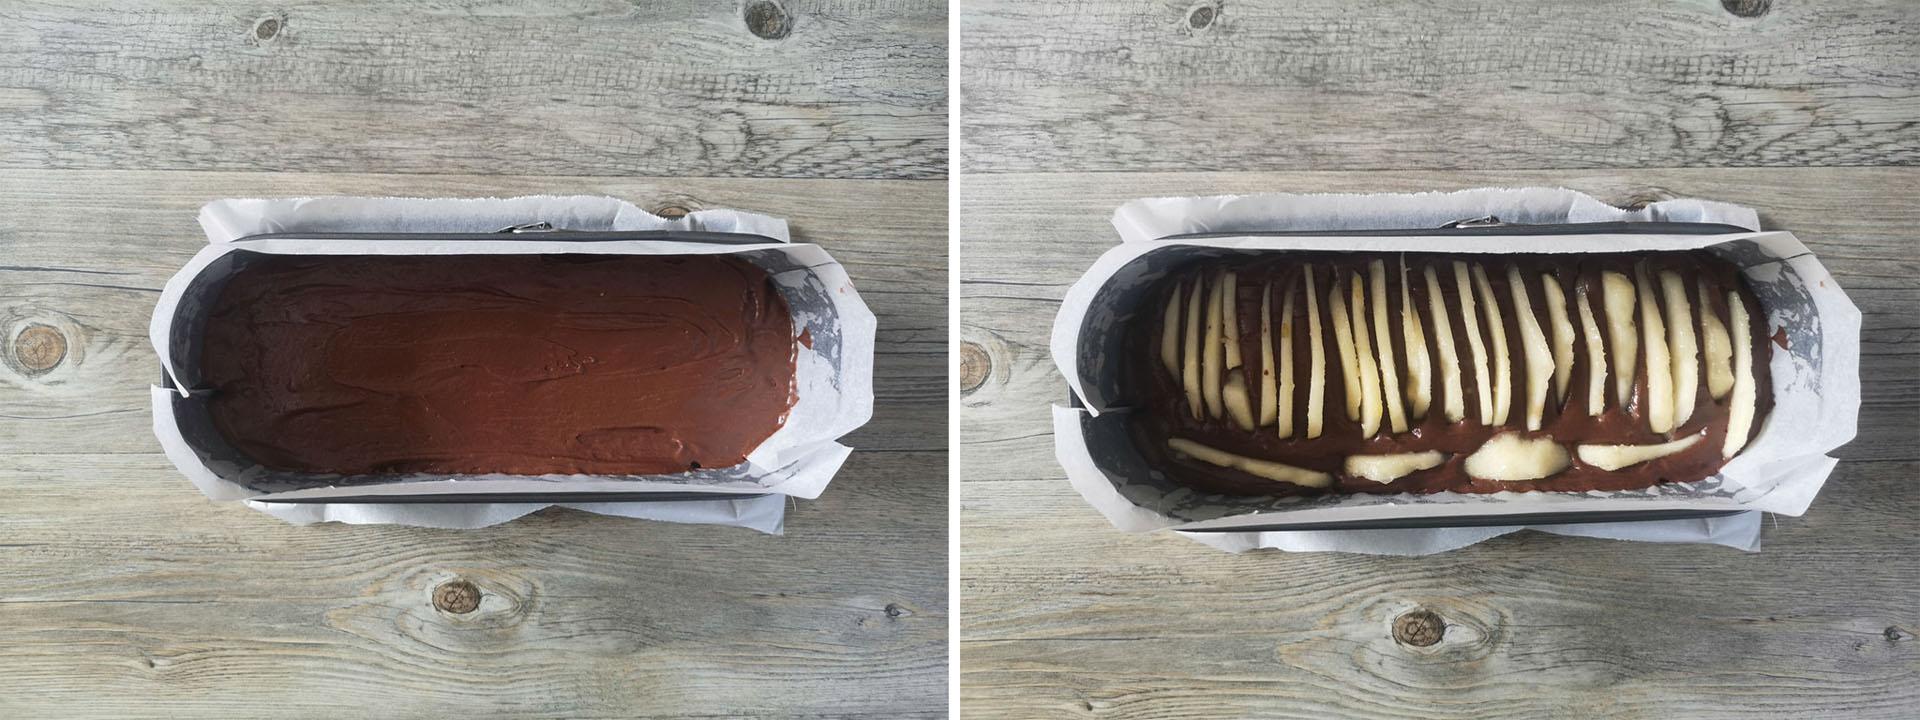 preparazione plumcake pere cioccolato